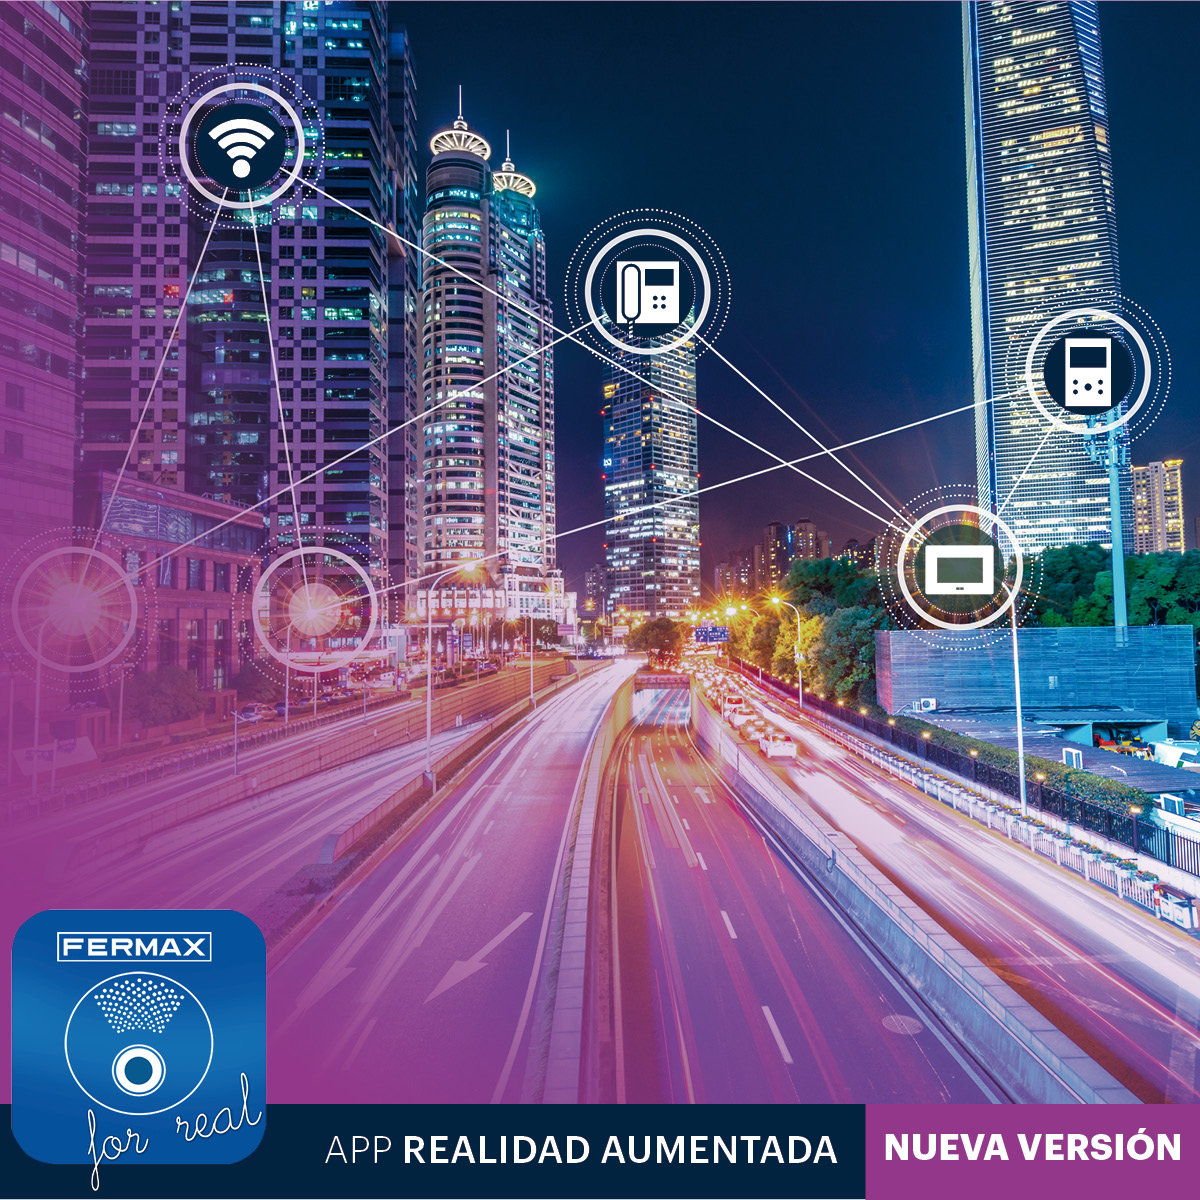 app de realidad aumentada